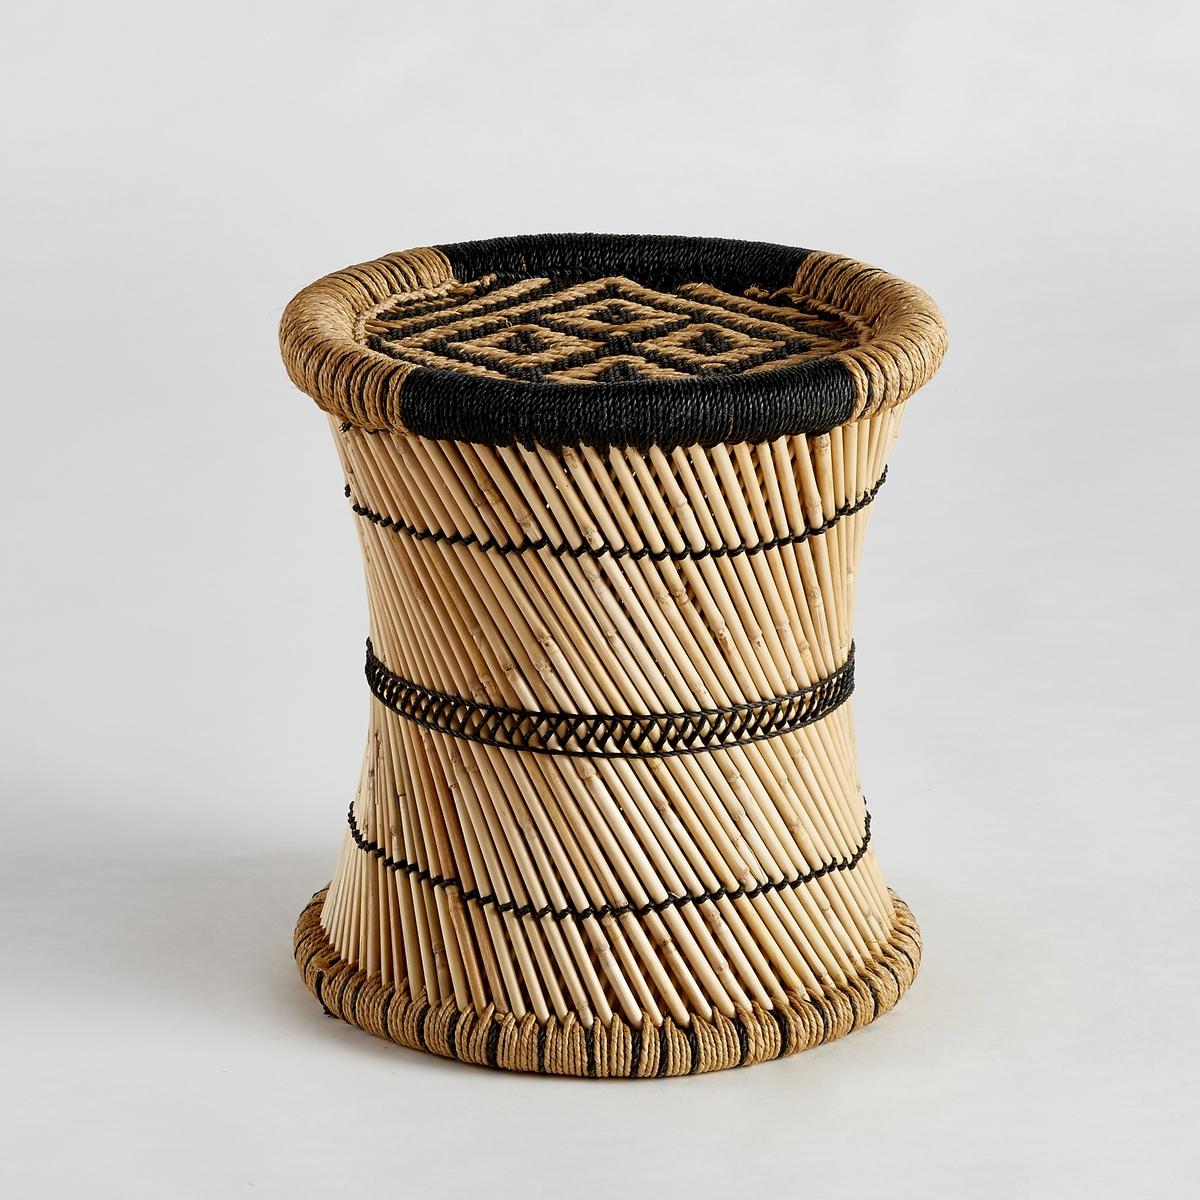 Столик диванный Tingda, рисунок в стиле икат<br><br>Цвет: экрю/ черный<br>Размер: единый размер